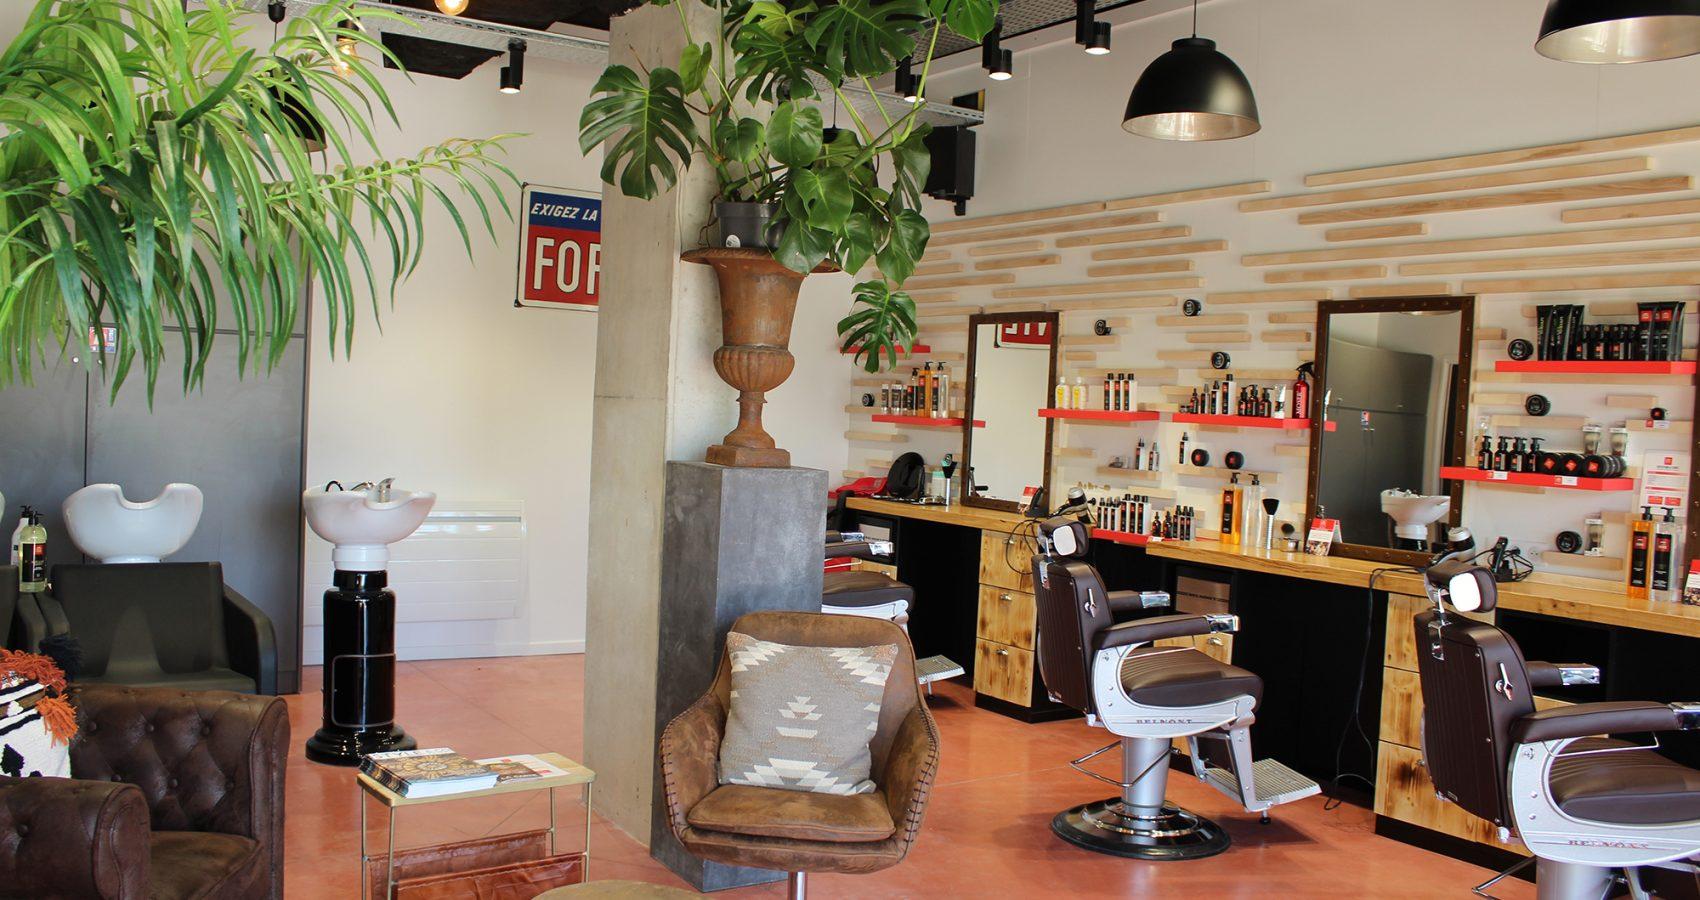 Maxime-homme-page-accueil-barbier-coiffeur-ambroise13